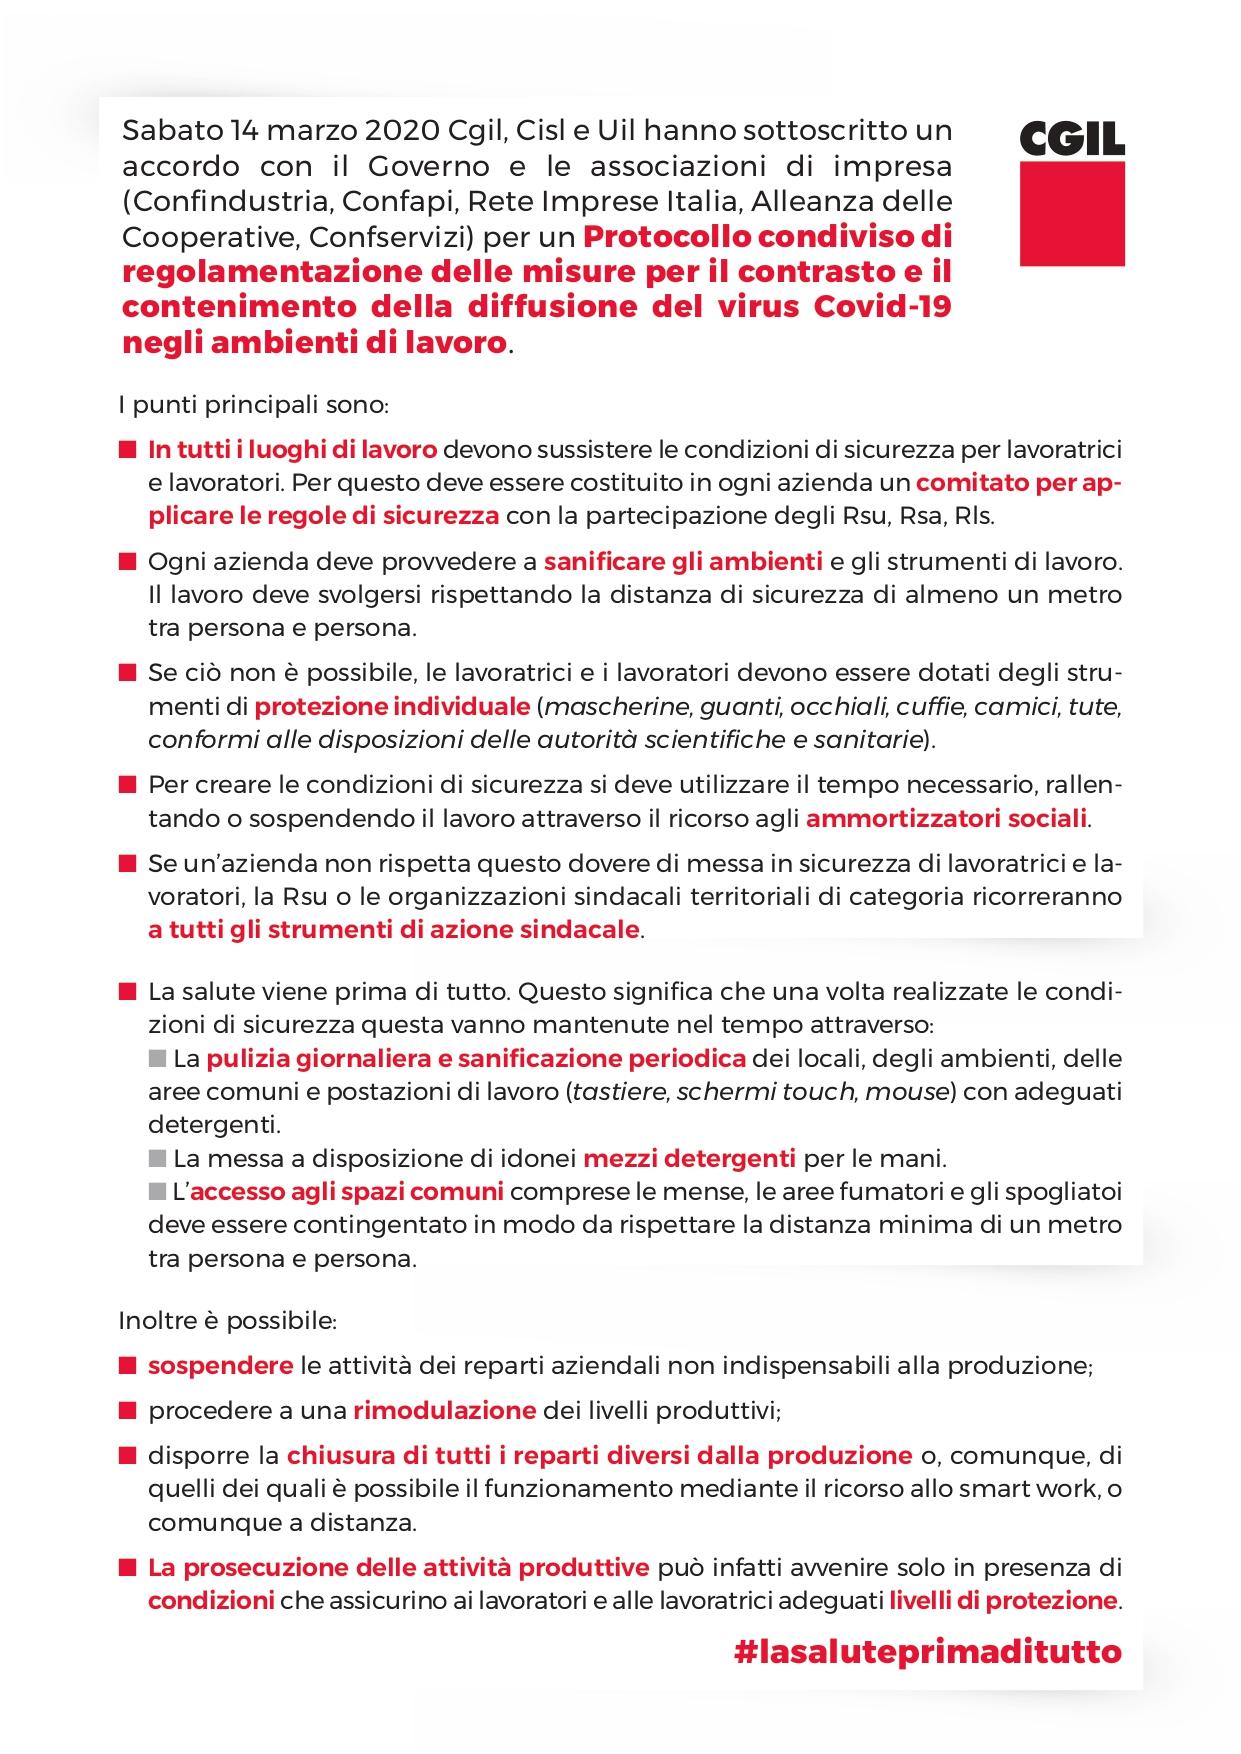 Protocollo di regolamentazione delle misure per il contrasto e il contenimento della diffusione del virus Covid-19 negli ambienti di lavoro